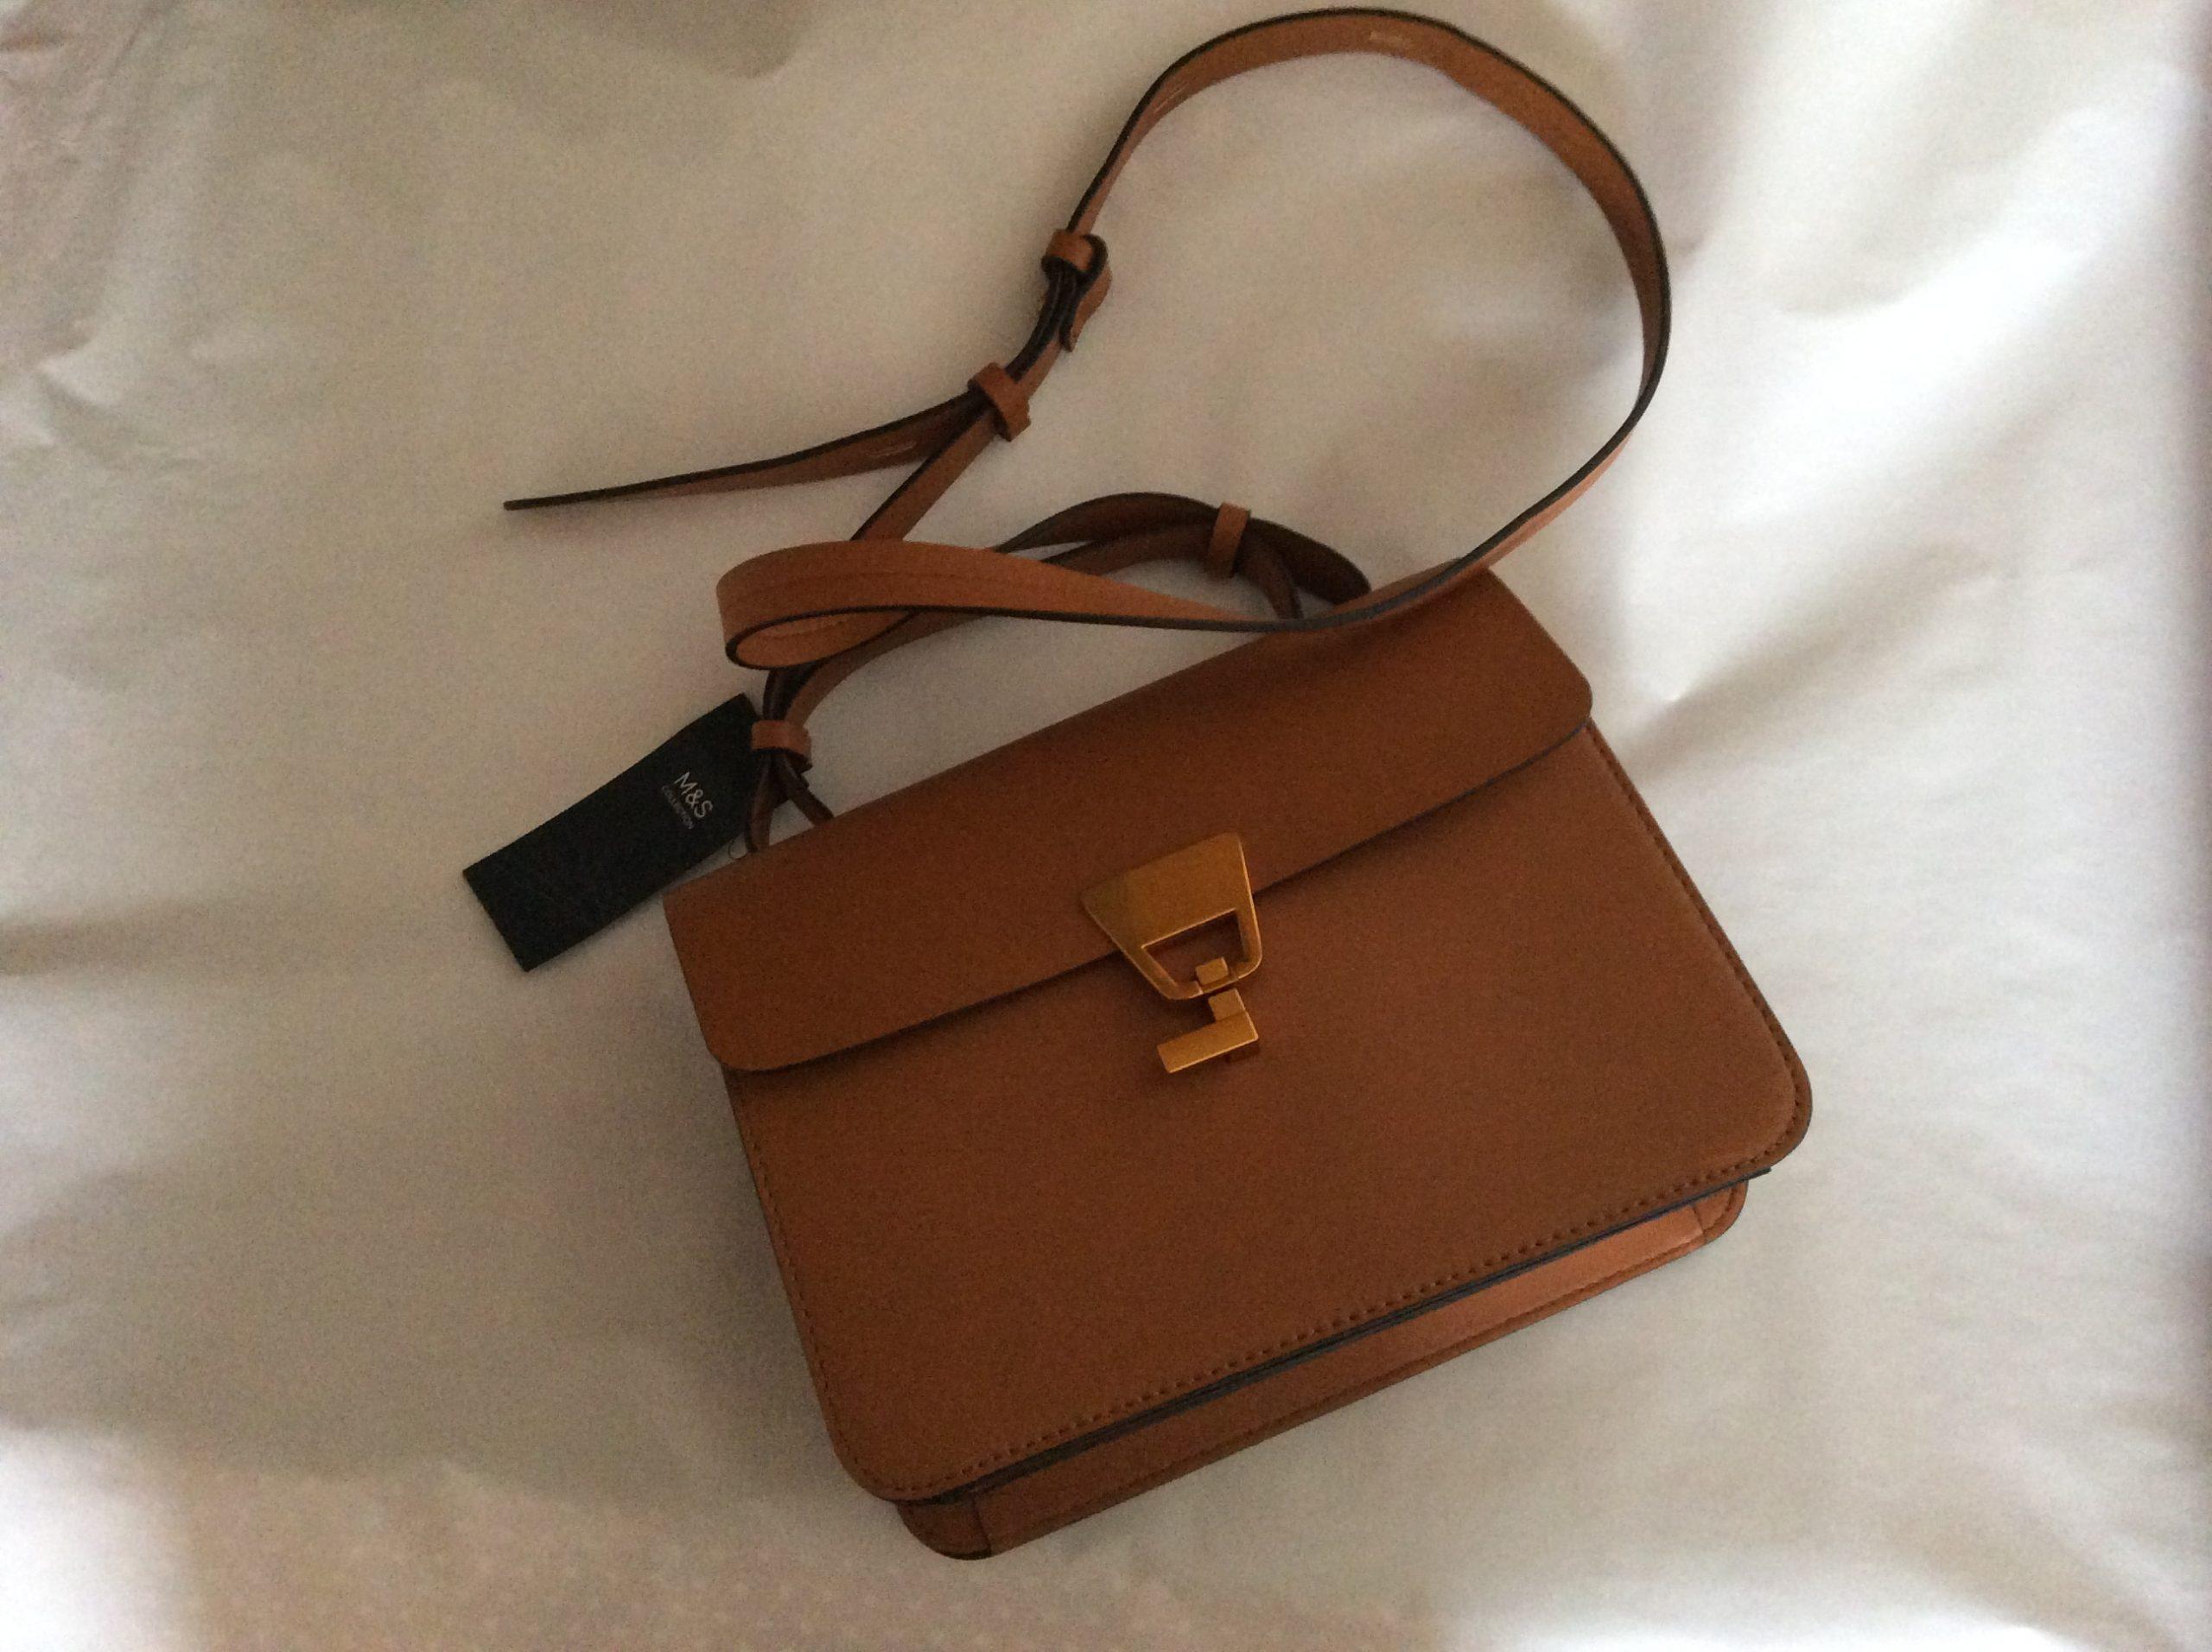 M and S tan handbag